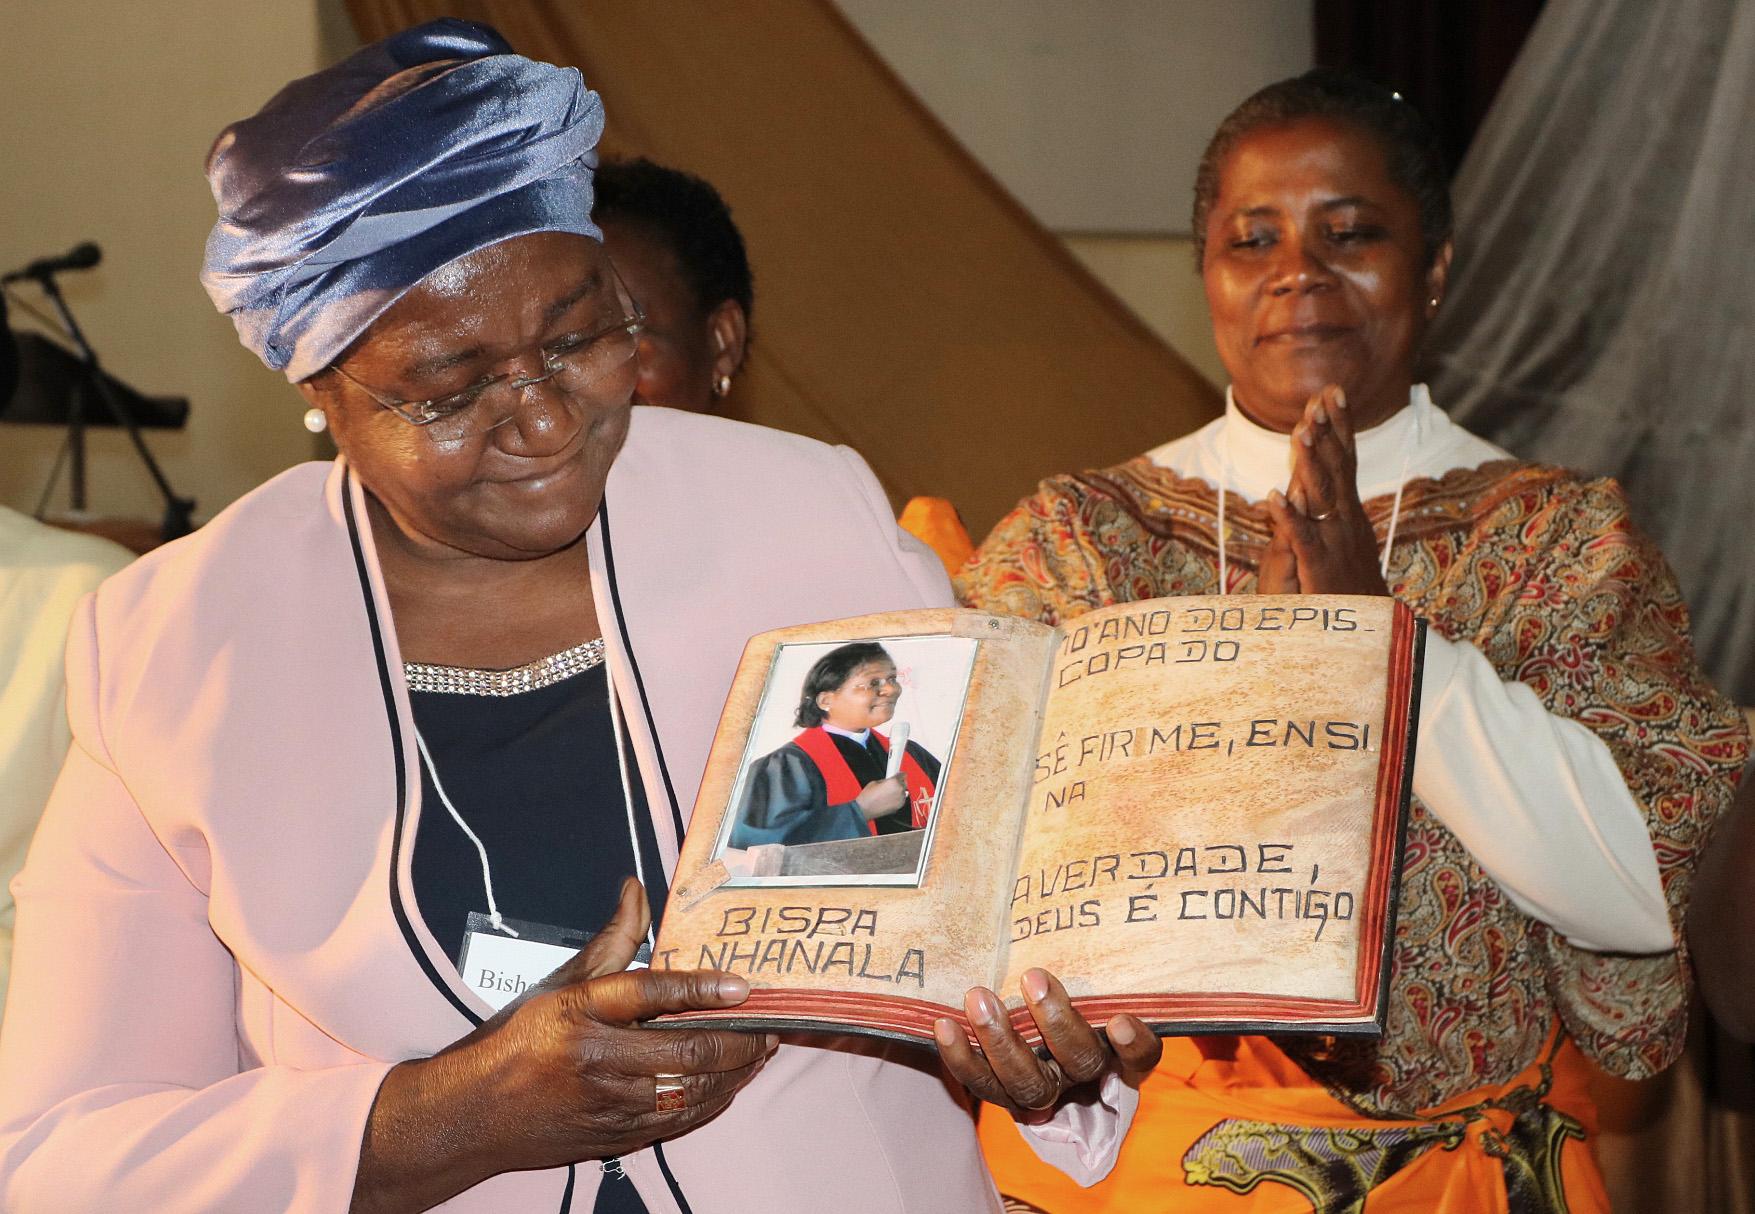 L'évêque Joaquina F. Nhanala du Mozambique reçoit une sculpture pour commémorer sa première decennie en tant que la seule femme évêque Méthodiste Unie en Afrique pendant une cérémonie à Africa University à Mutare (Zimbabwe). Photo d'Evelyne Chikwanah, UMNS.